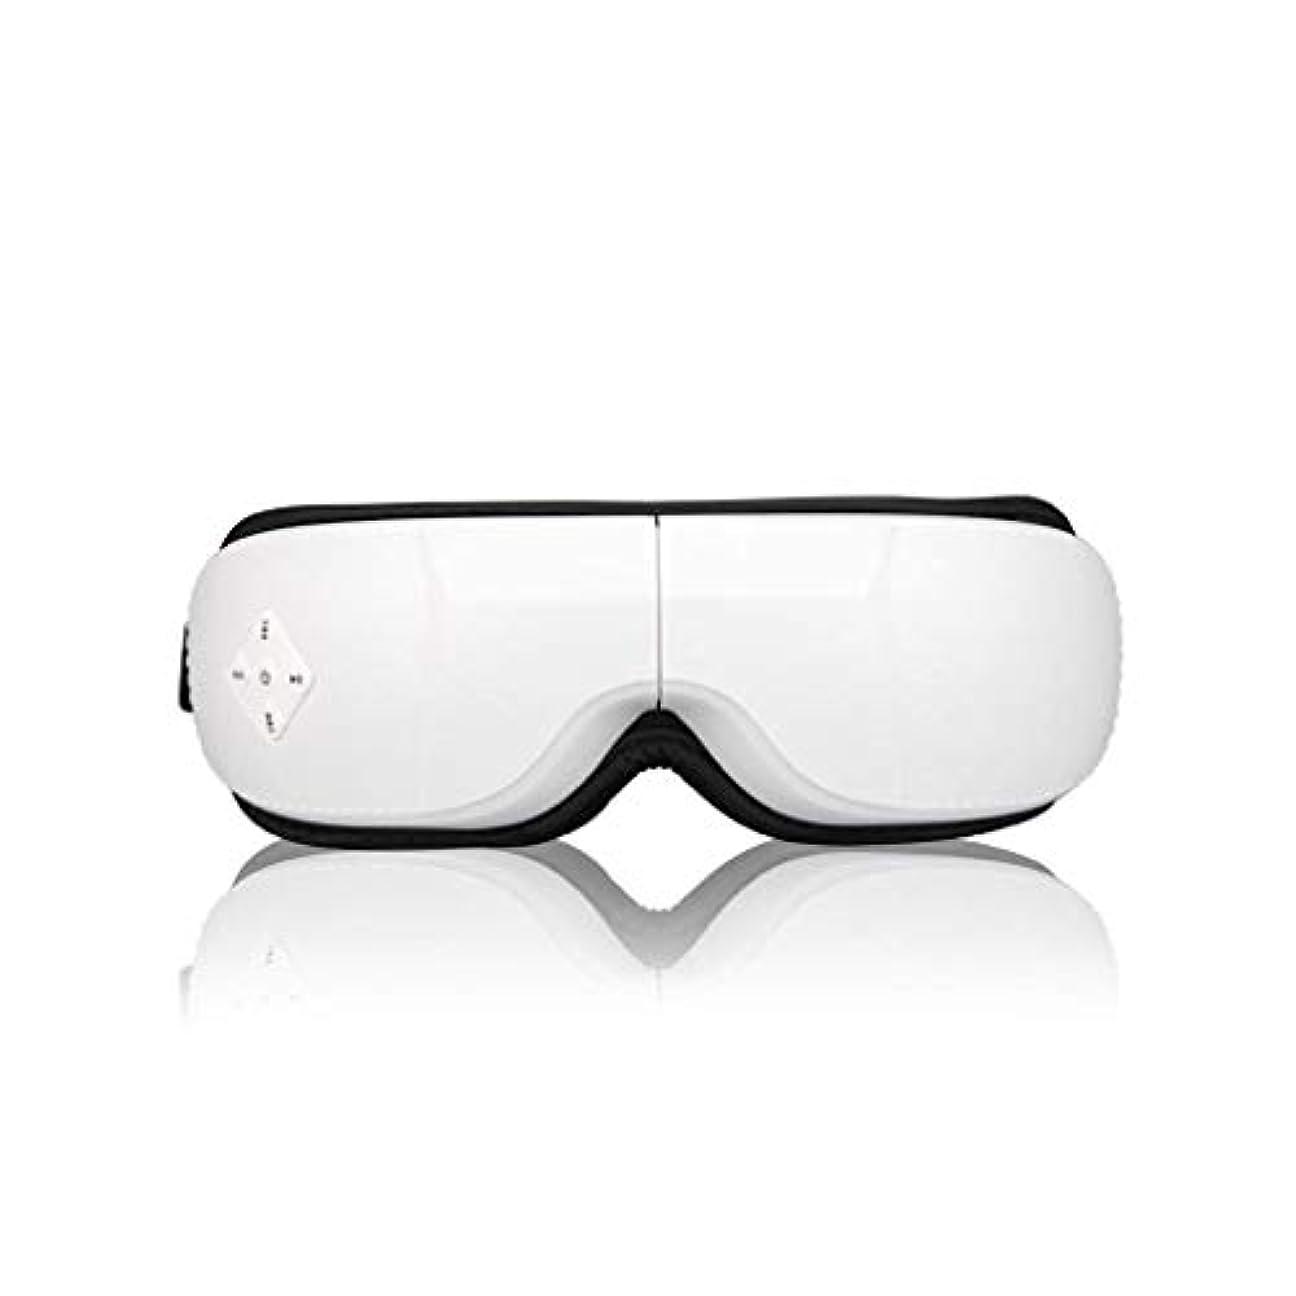 アピール飾る論争電動アイマスク、アイマッサージャー、折りたたみ式USB充電式スマートデコンプレッションマシン、ワイヤレスBluetoothポータブル、目の疲れを和らげる、ダークサークル、アイバッグ、美容機器